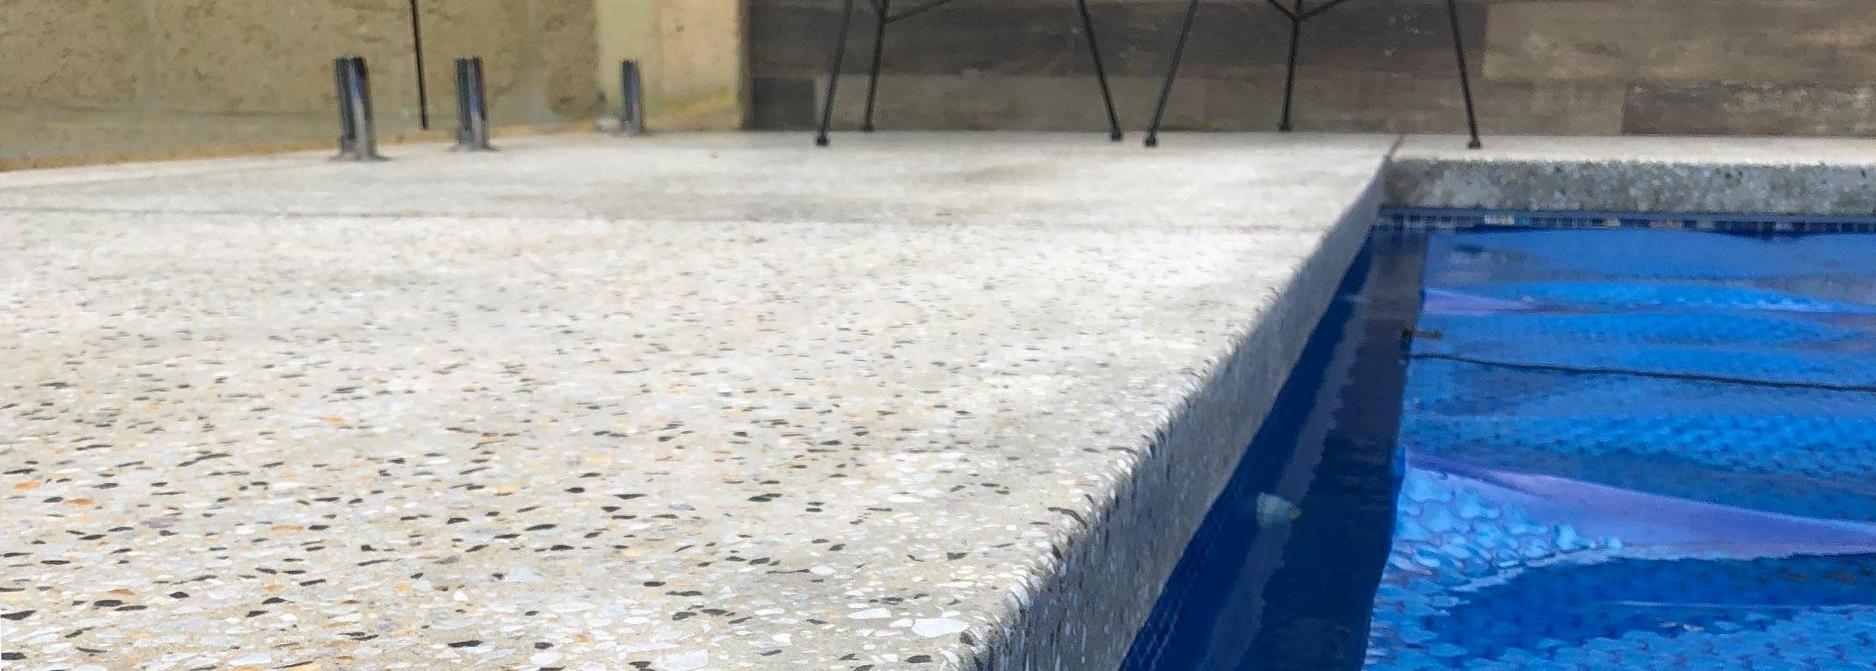 seamless-pool-edging